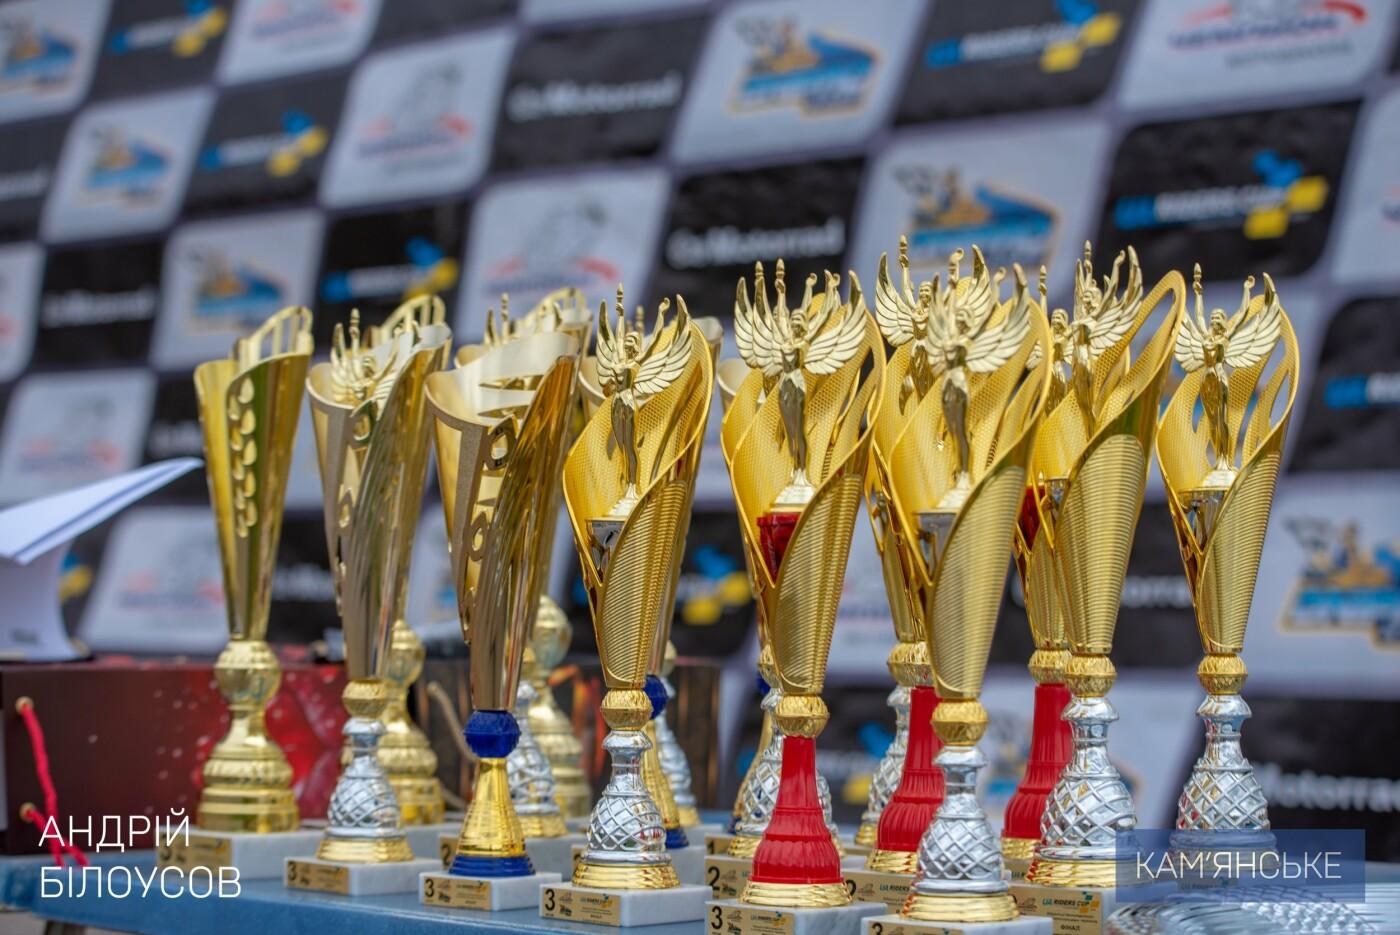 В Каменском прошел финал чемпионата по шоссейно-кольцевым гонкам - UA Riders CUP, фото-10